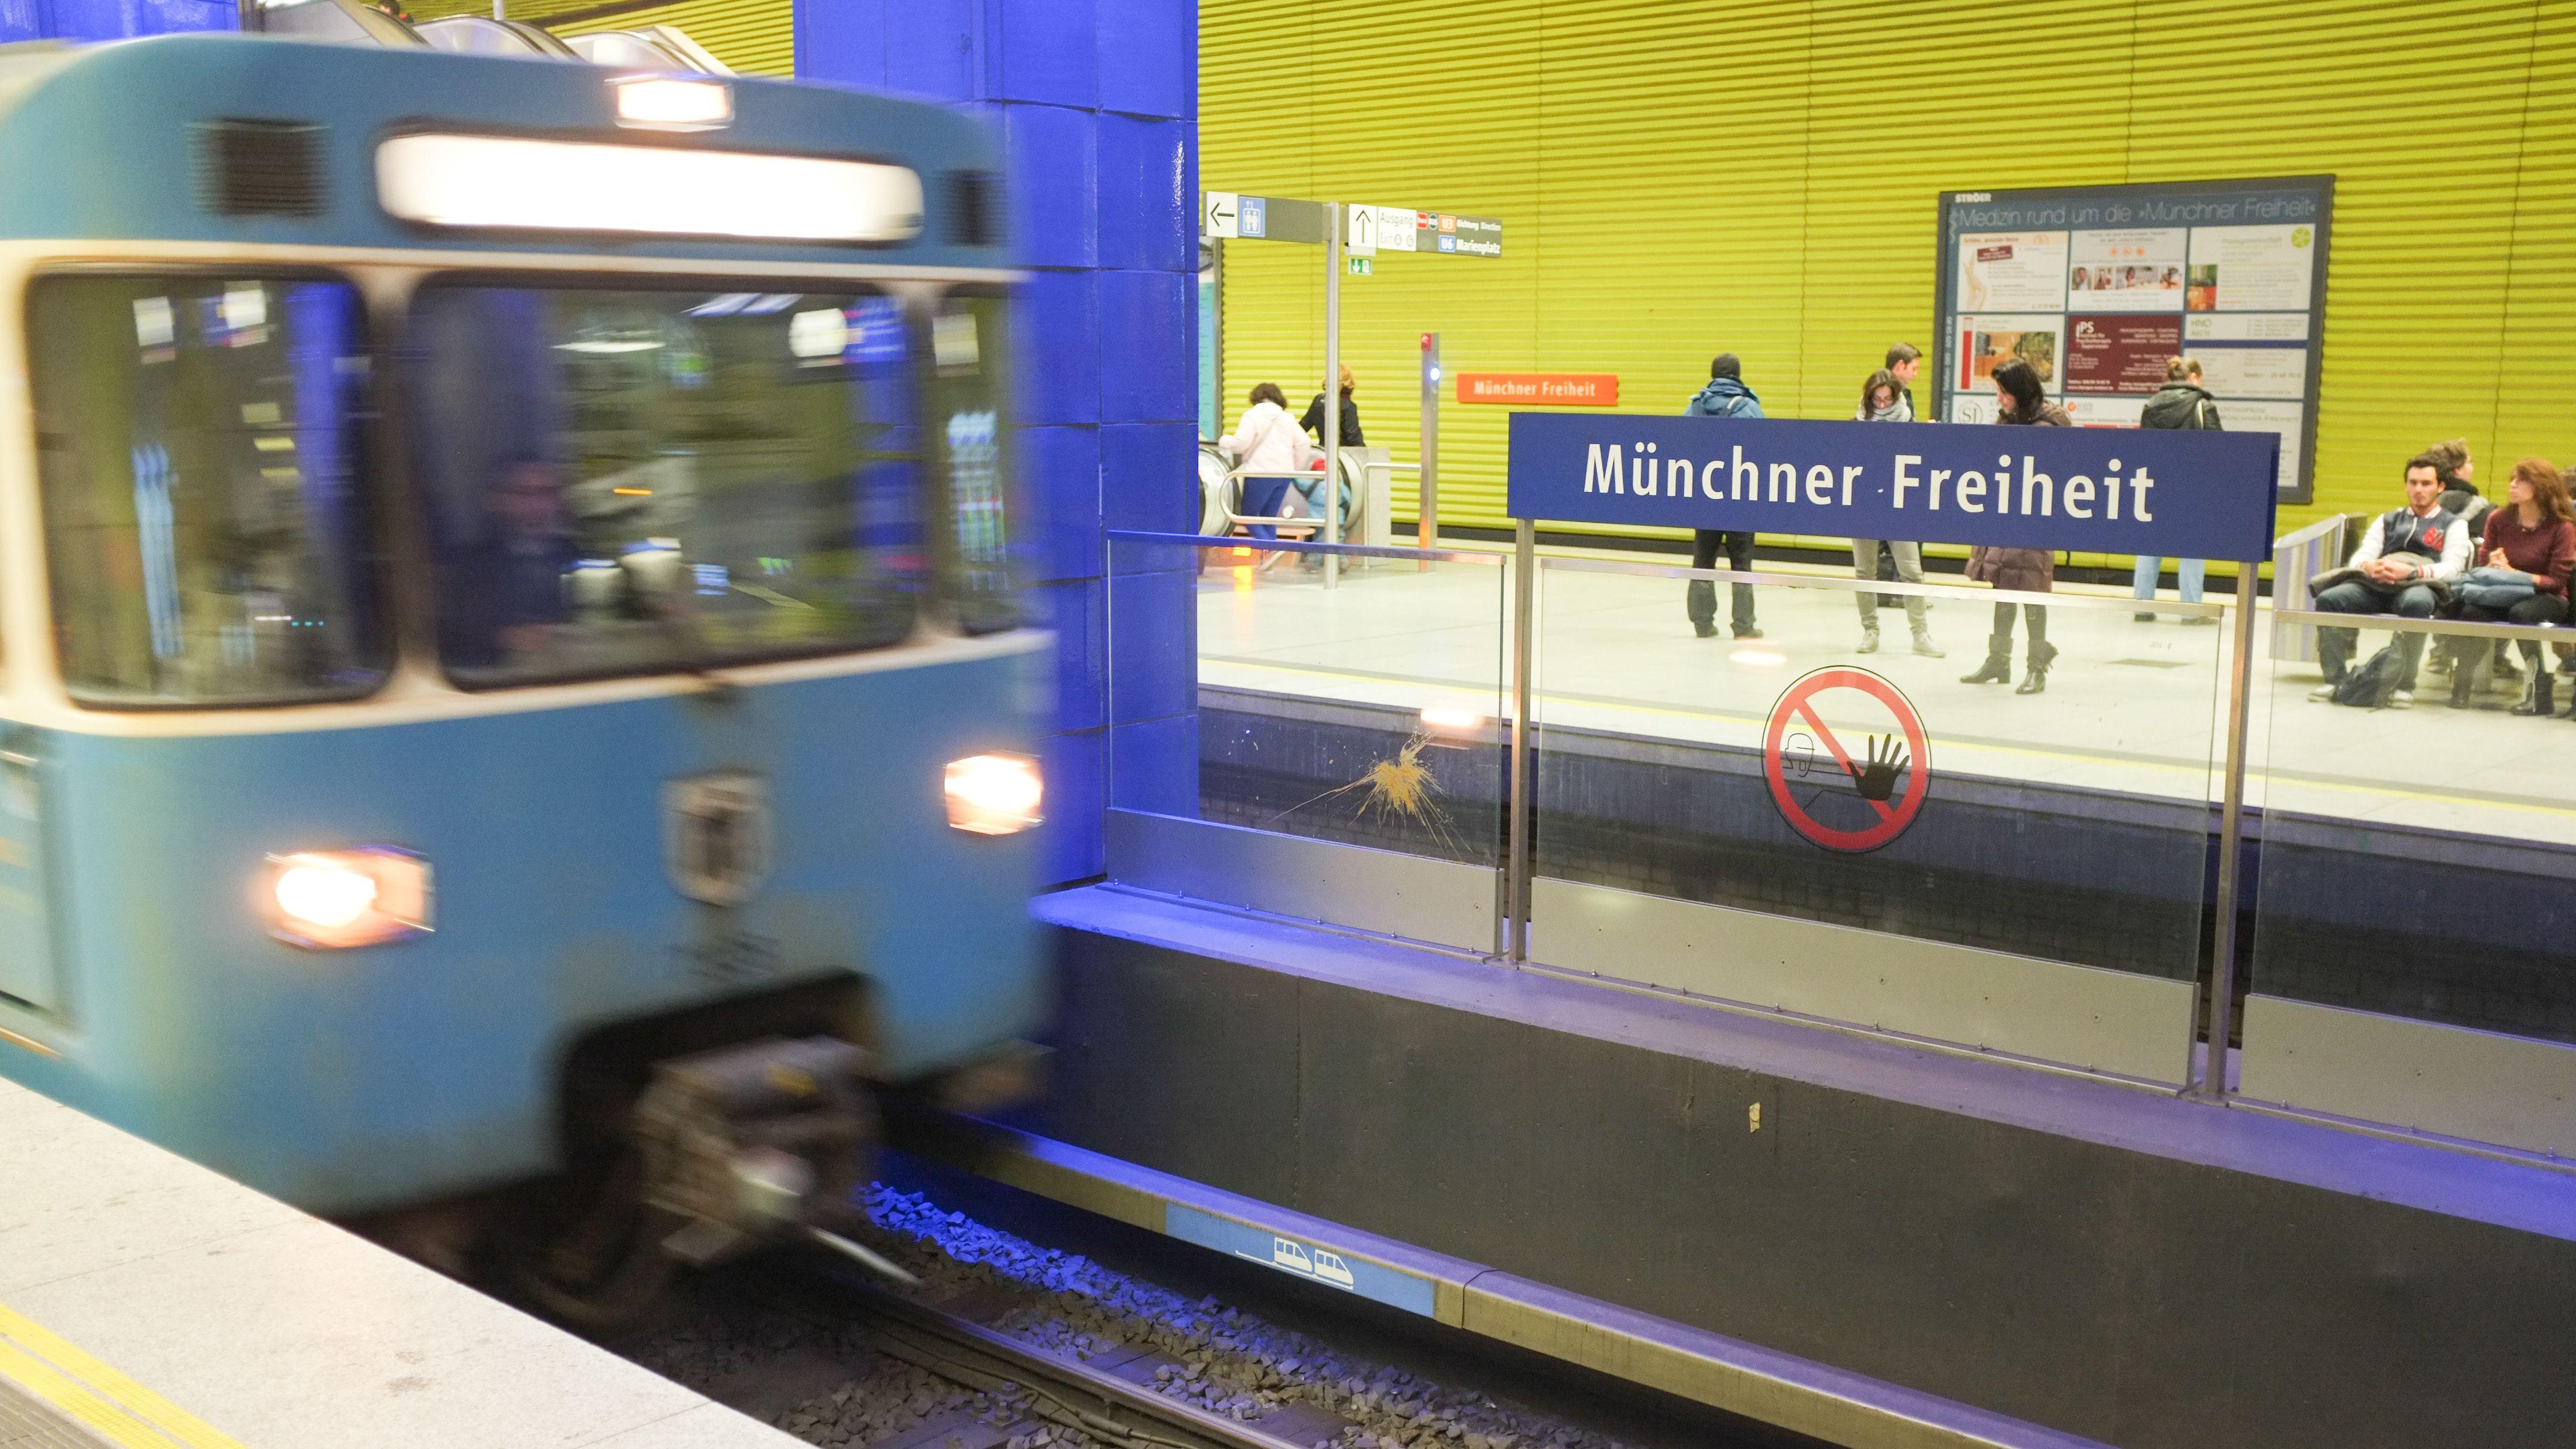 Eine U-Bahn fährt am Bahnhof Münchner Freiheit ein